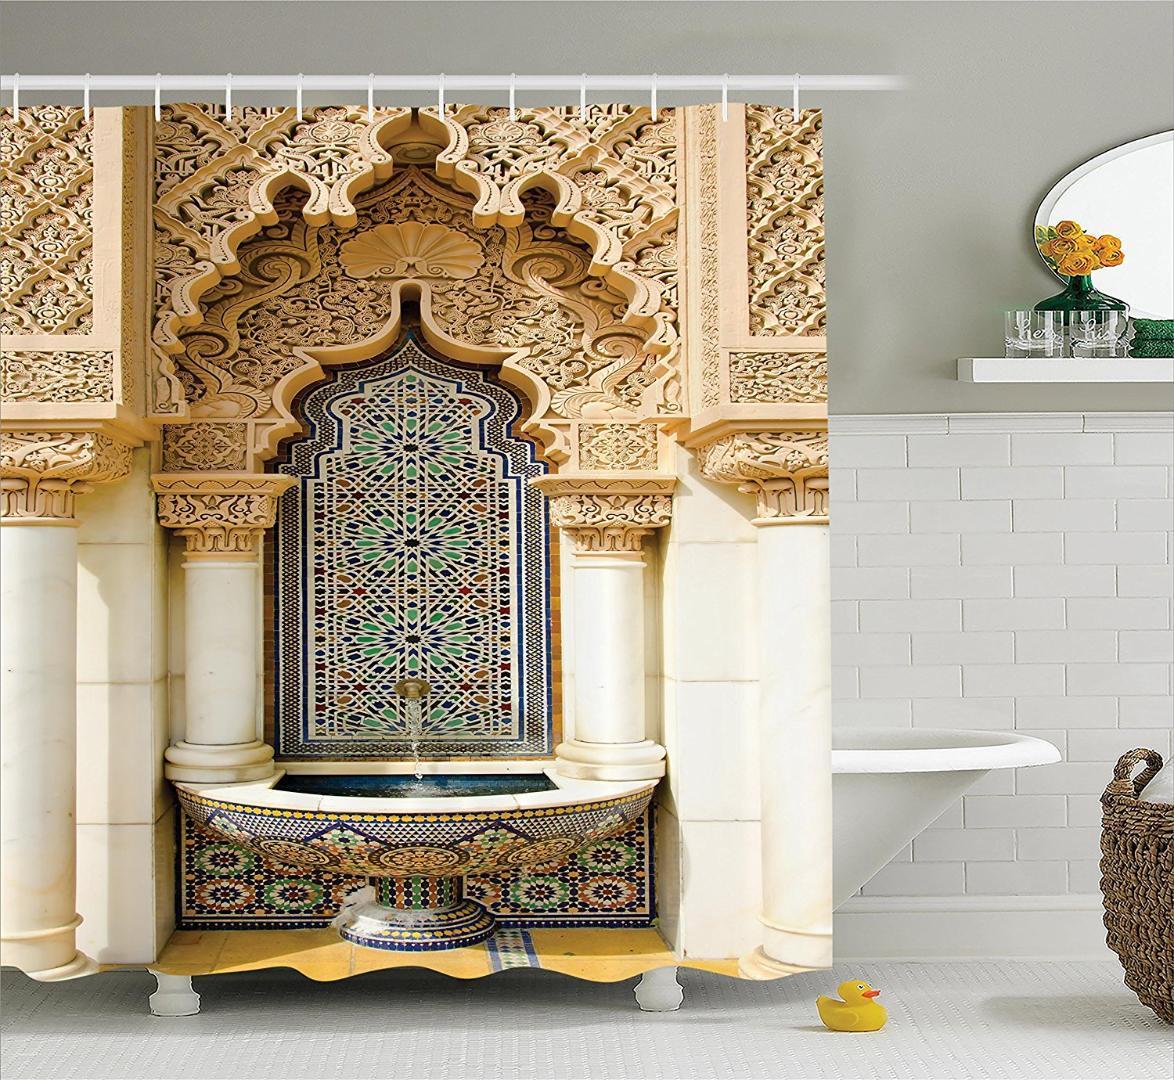 Память Home марокканская Декор Душ занавес Урожай Конструкторское Полиэстер Ткань ванной Душ занавес Набор Крючки